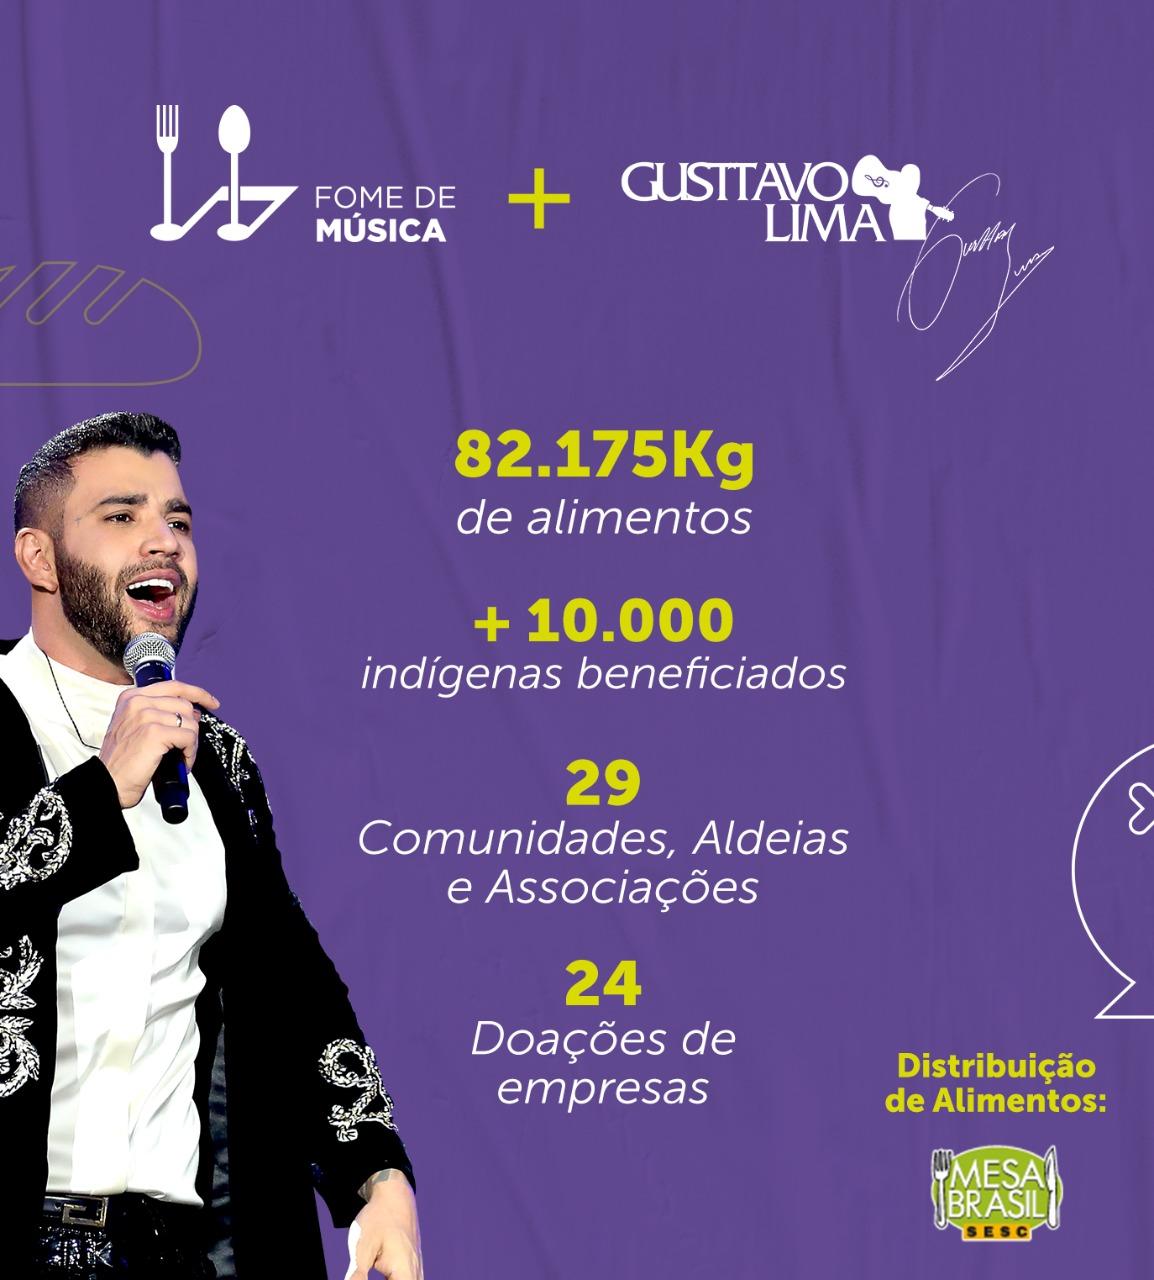 Junto com plataforma Fome de Música, Gusttavo Lima arrecada alimentos para mais de 10 mil indígenas